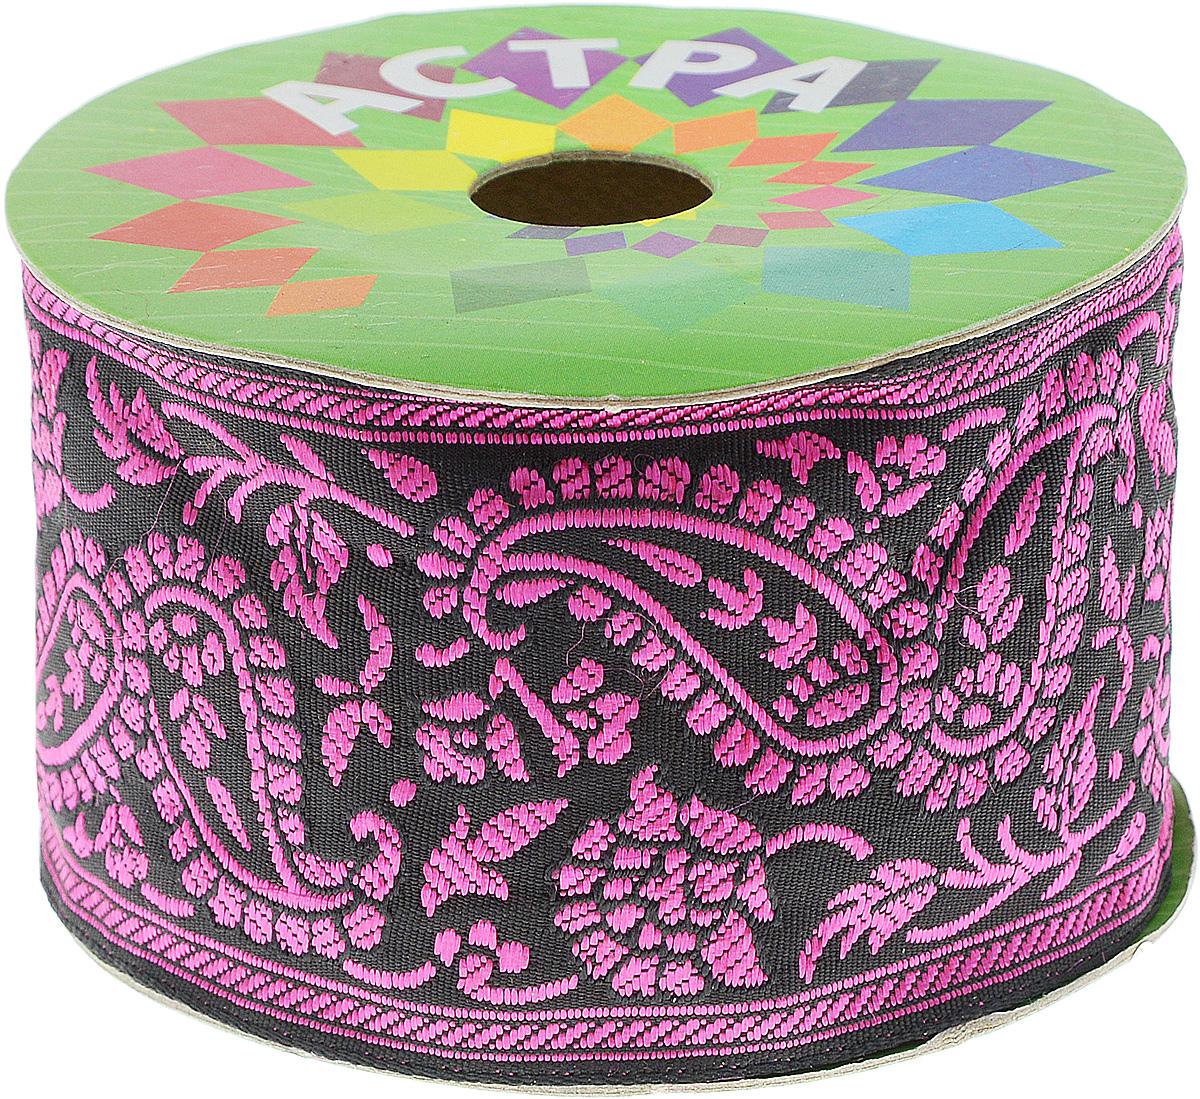 Тесьма декоративная Астра, цвет: розовый (202-D), ширина 6 см, длина 9 м. 77034327703432_202-DДекоративная тесьма Астра выполнена из текстиля и оформлена оригинальным жаккардовым орнаментом. Такая тесьма идеально подойдет для оформления различных творческих работ таких, как скрапбукинг, аппликация, декор коробок и открыток и многое другое. Тесьма наивысшего качества и практична в использовании. Она станет незаменимым элементом в создании рукотворного шедевра. Ширина: 6 см. Длина: 9 м.